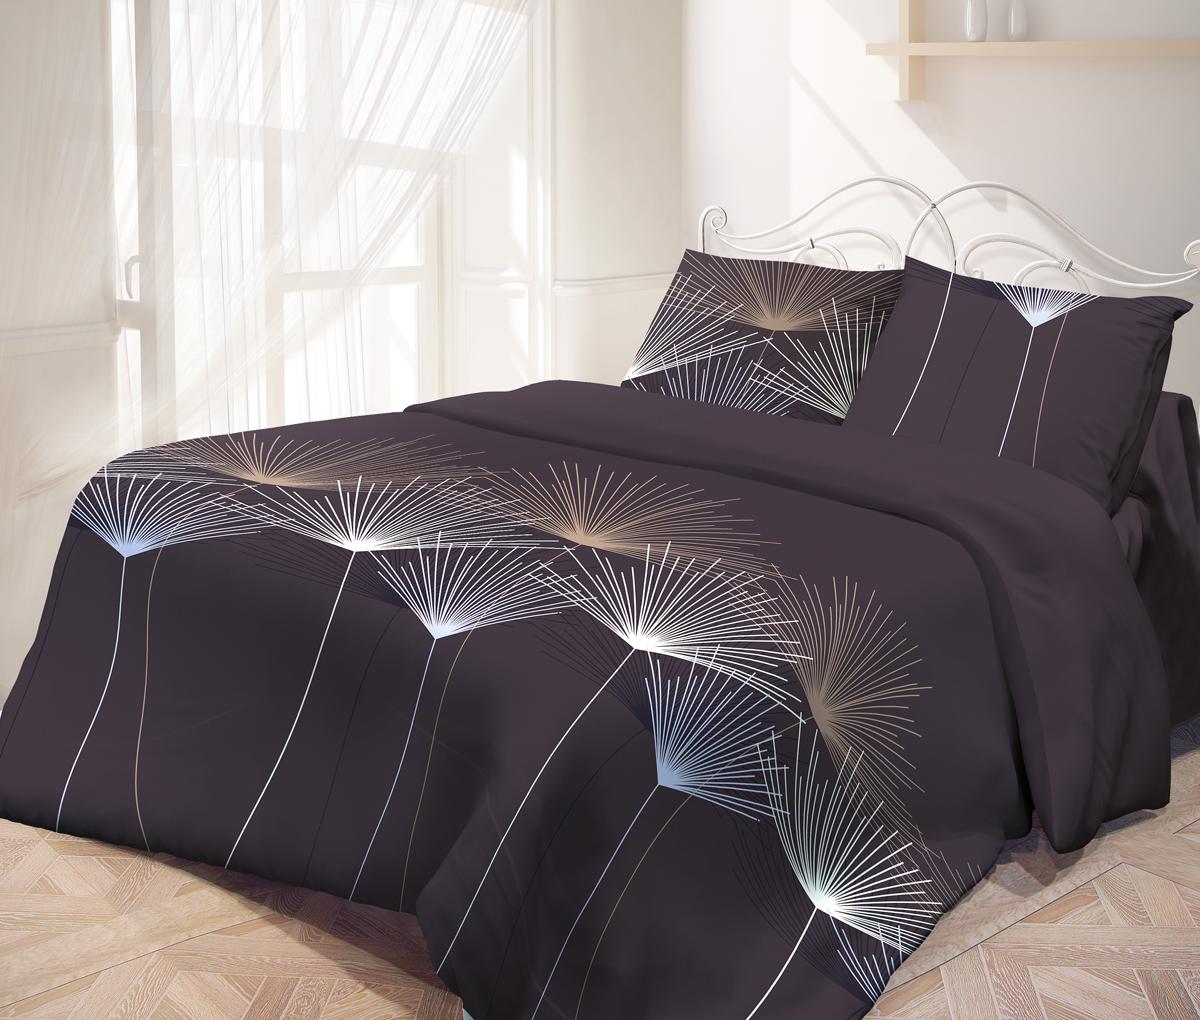 """Комплекты постельного белья """"Самойловский текстиль"""" - это максимально  натуральный,  естественный комфорт и невероятно приятные тактильные ощущения и  актуальные современные  дизайны.   Чрезвычайно мягкая на ощупь поверхность хлопковой ткани Cottonsoft - будто  нежный и мягкий  лепесток цветка. Она имеет бархатистую структуру благодаря  использованию особого сырья и  технологий при производстве. Неприхотливая в уходе, 100% натуральная,  износостойкая, но  самое главное - особенно мягкая, она безусловно понравится тем, кто любит  понежиться в  постели и станет отличной альтернативой традиционным комплектам из  тканей полотняной  структуры."""